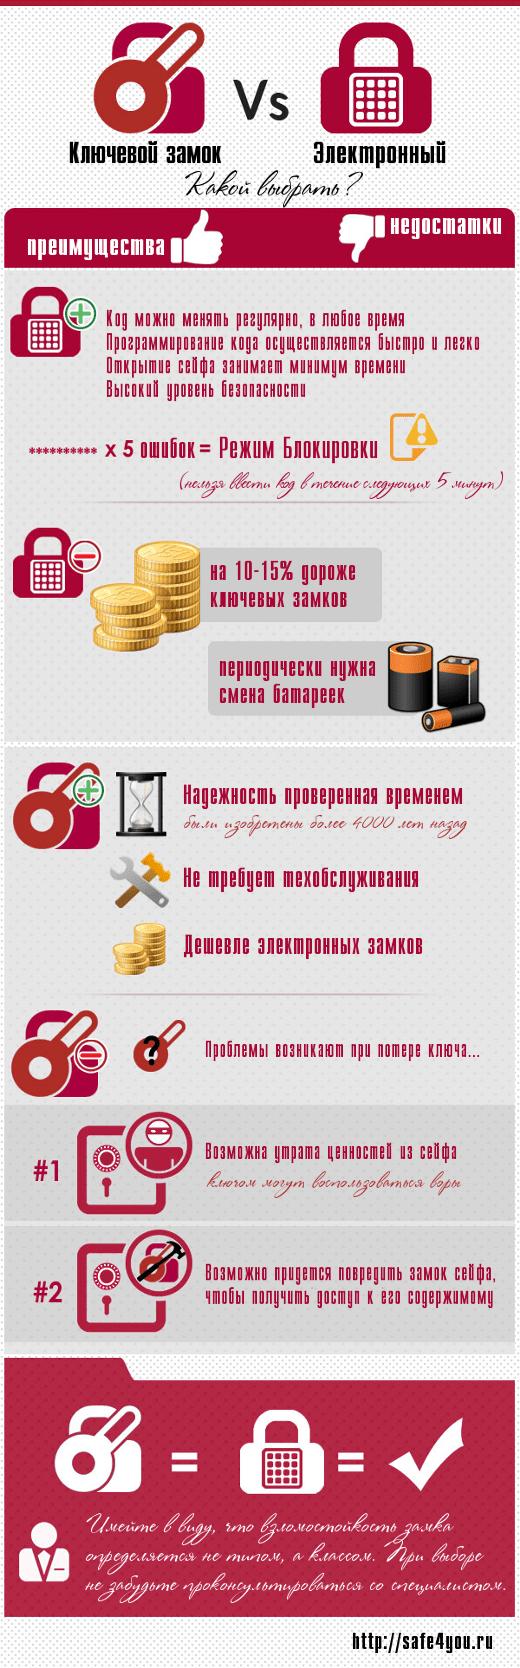 Инфографика по ключевым и электронным замкам.